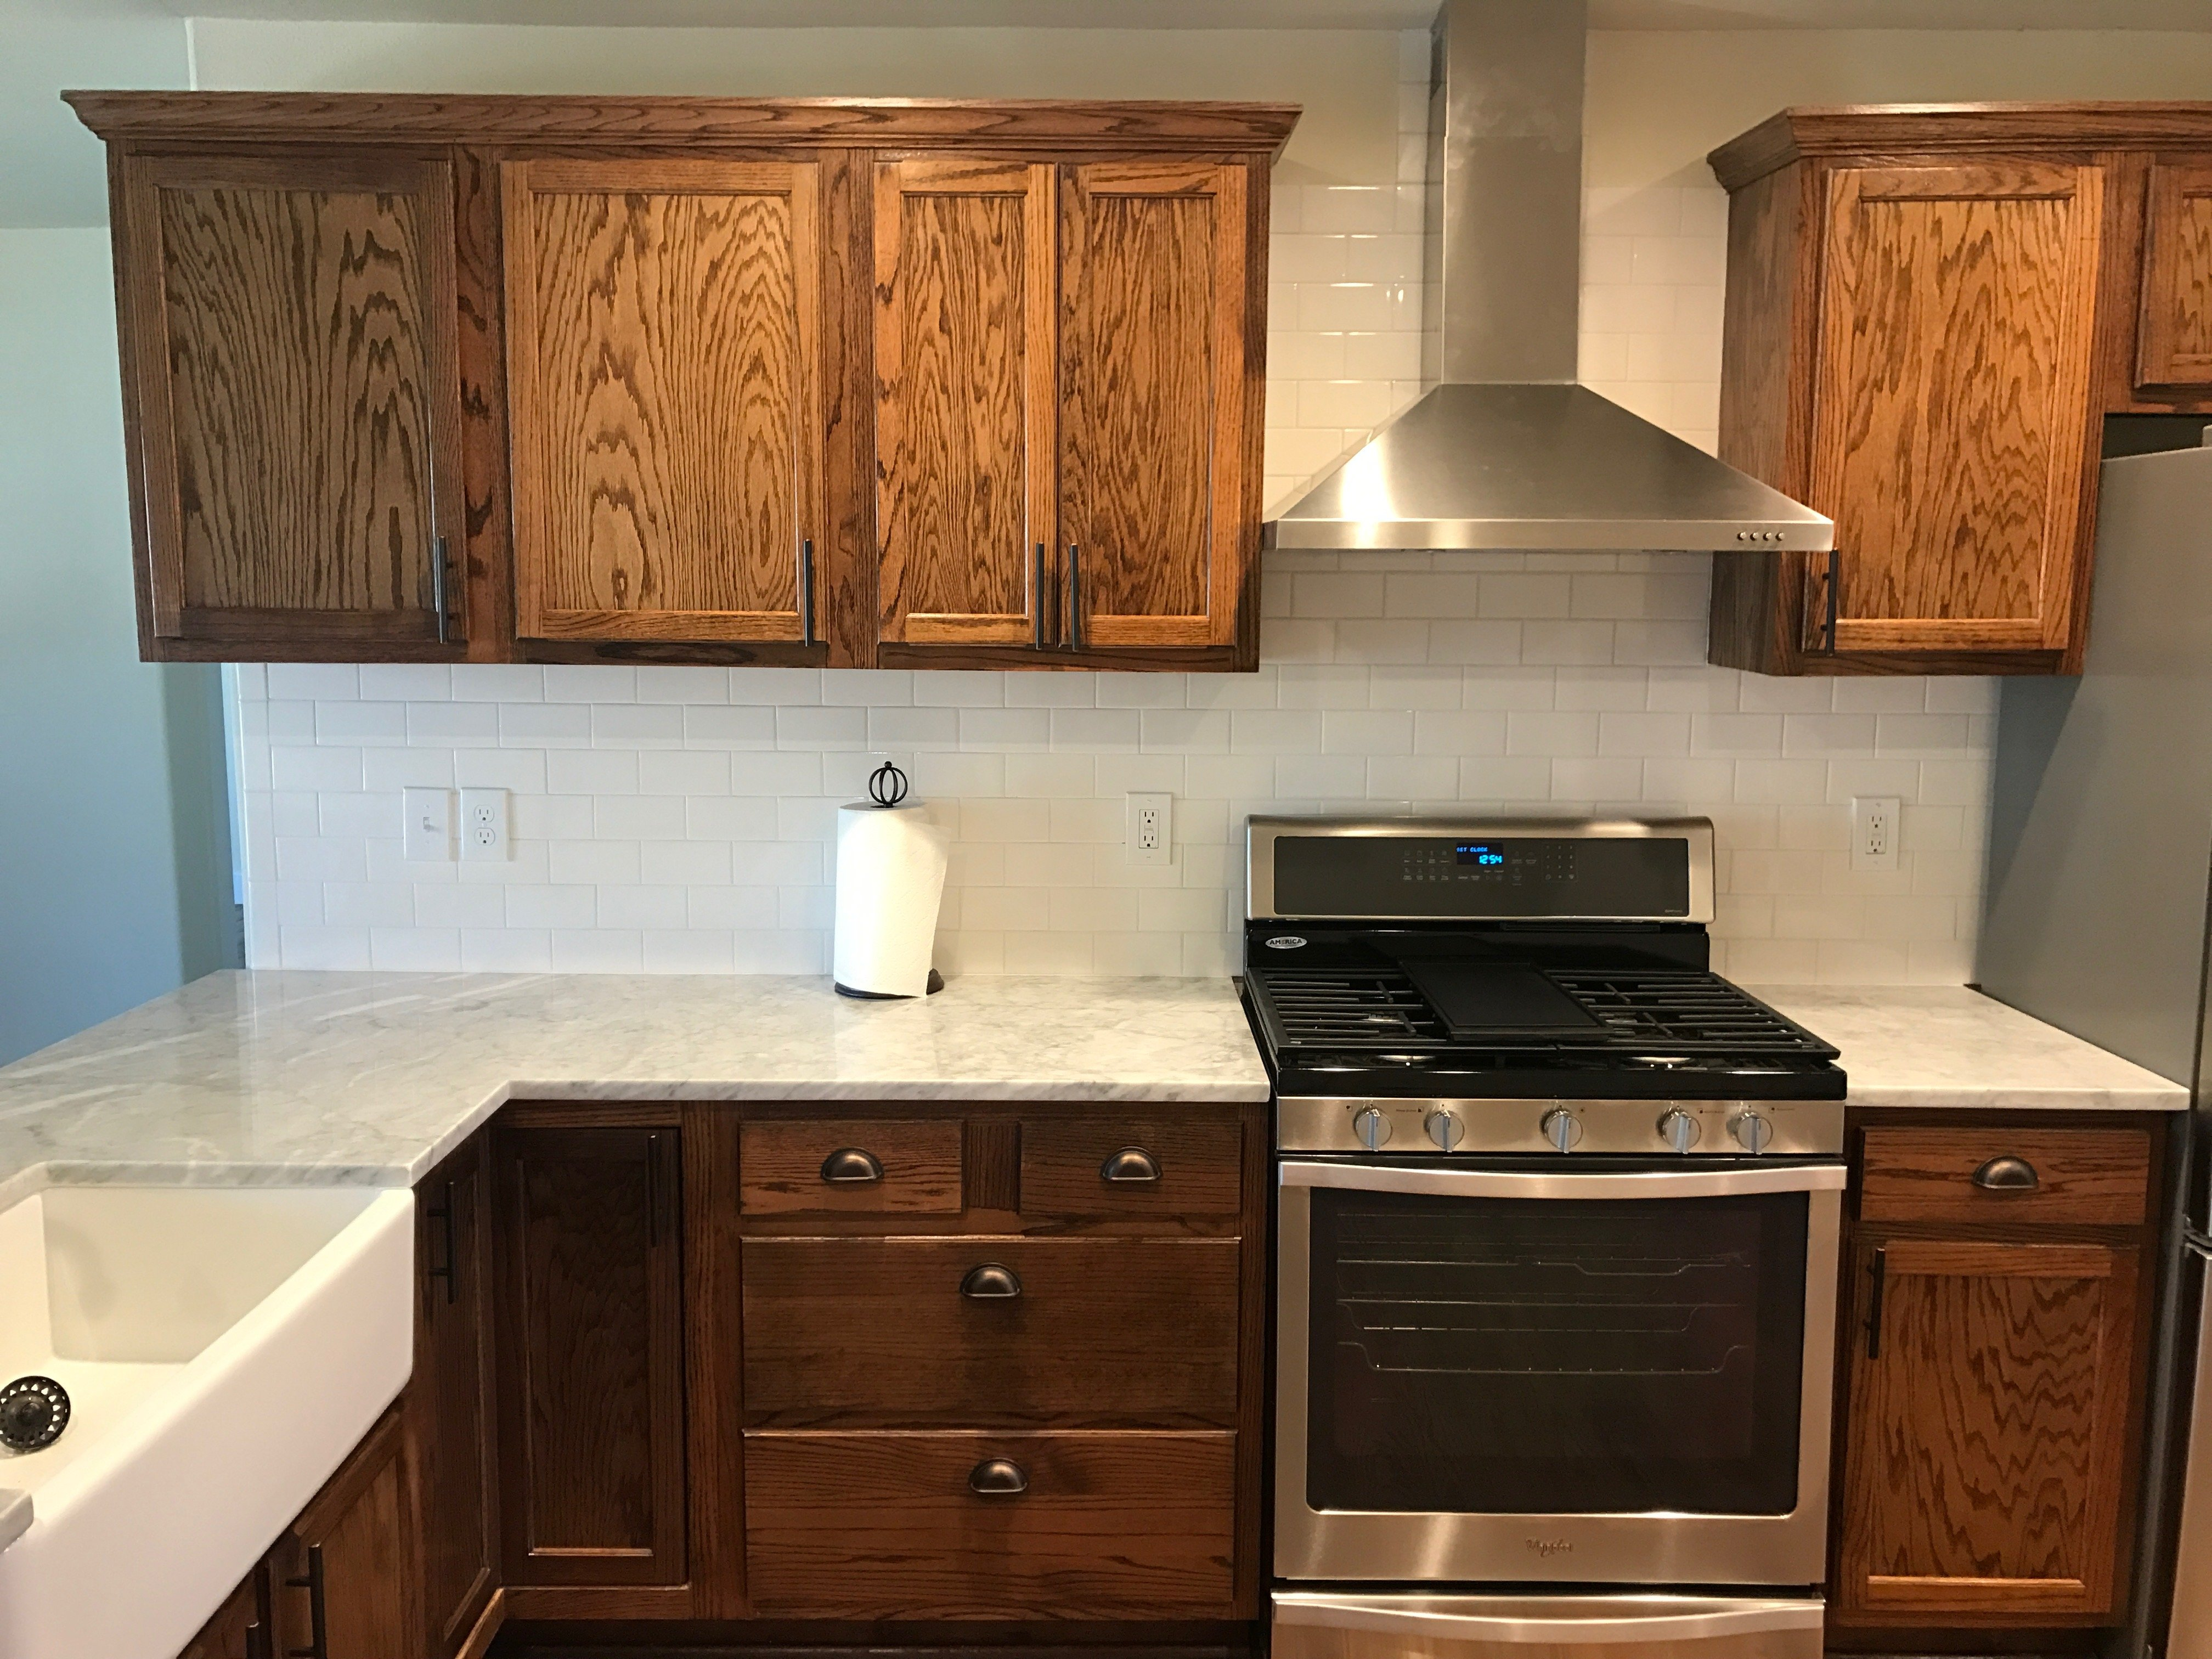 depot lowes combination custom with kitchen ikea countertop vanity bathroom tops sink top countertops home